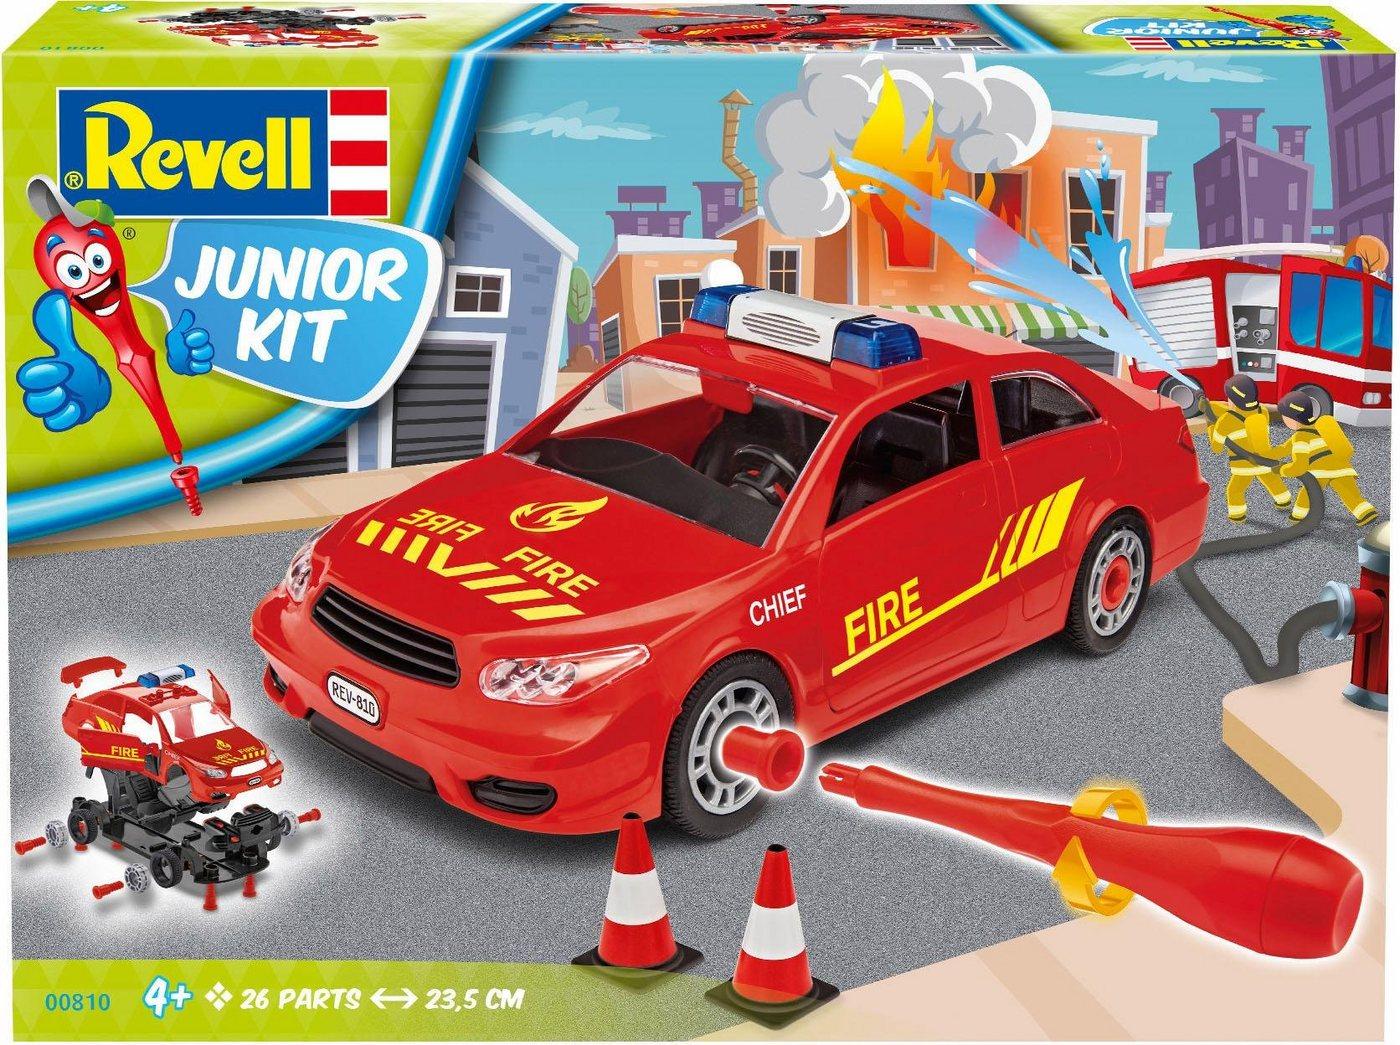 Revell Modellbausatz Auto, »Junior Kit Einsatzleitung Feuerwehr«